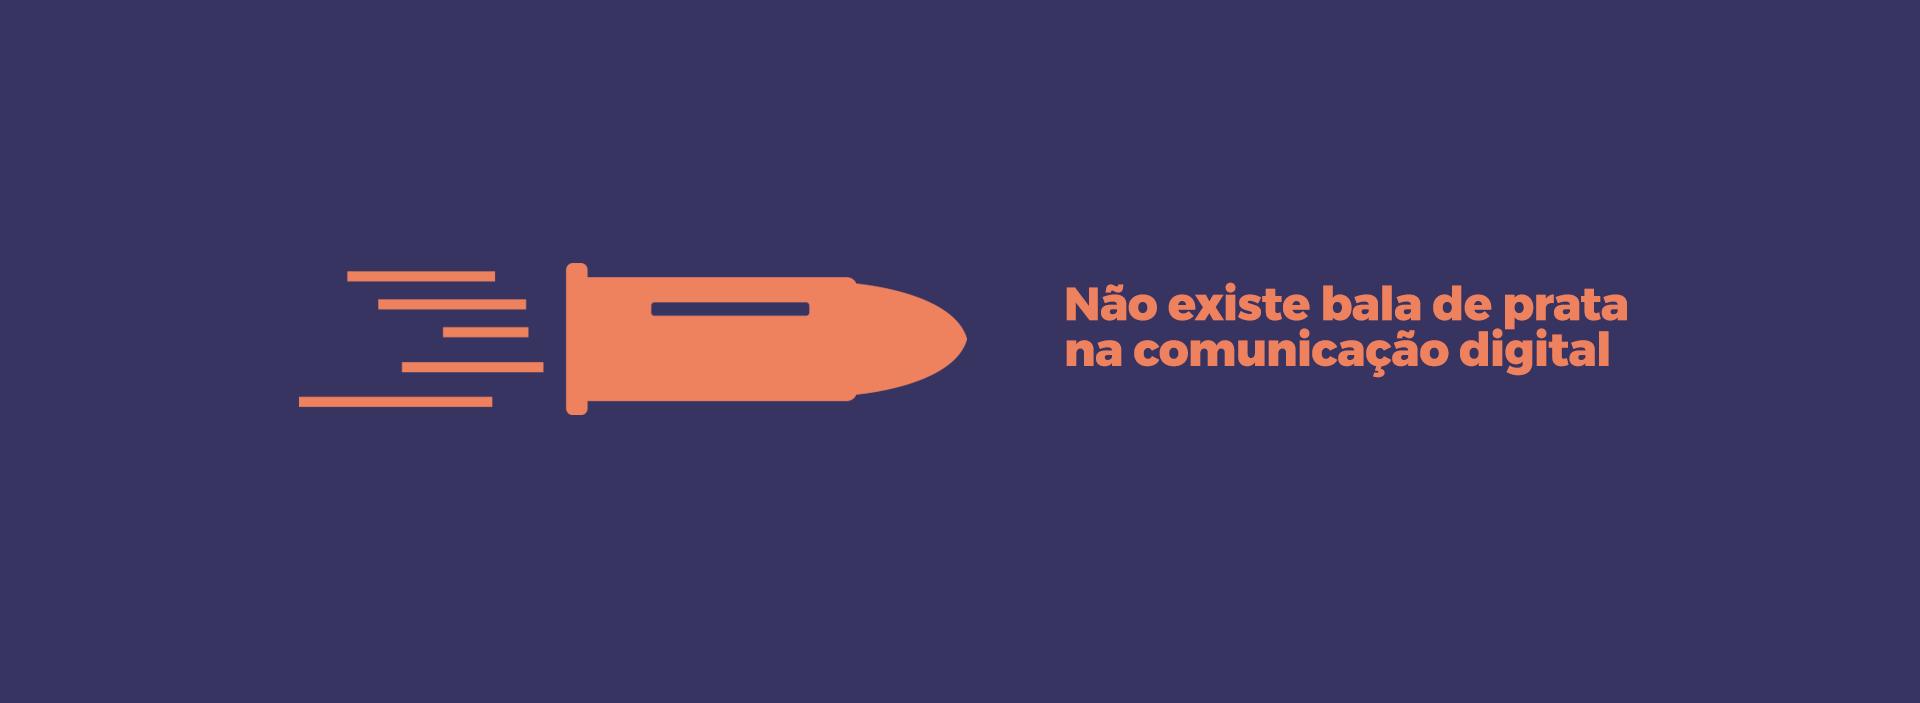 Não existe bala de prata na comunicação digital